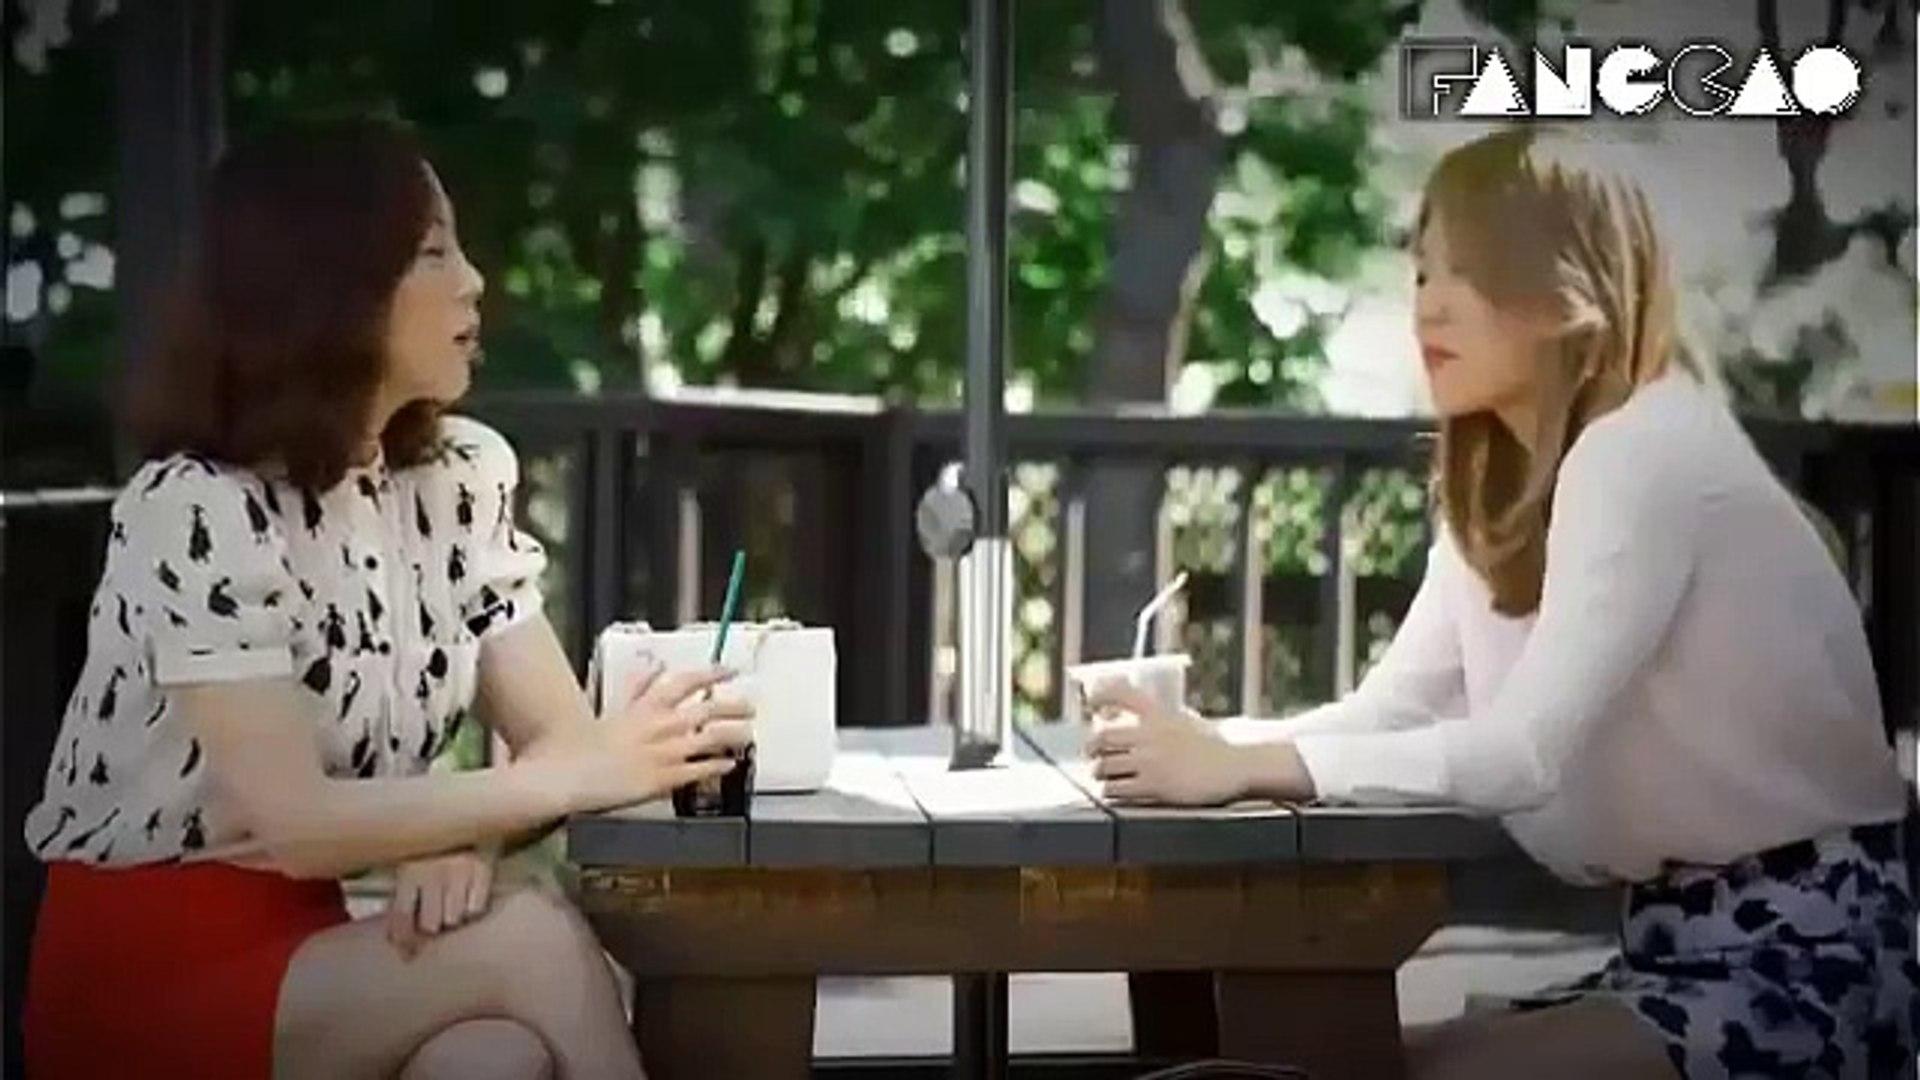 불륜의 시대 감독판 (2017) 영화 다시보기 한국 최고의 영화 리뷰 채널